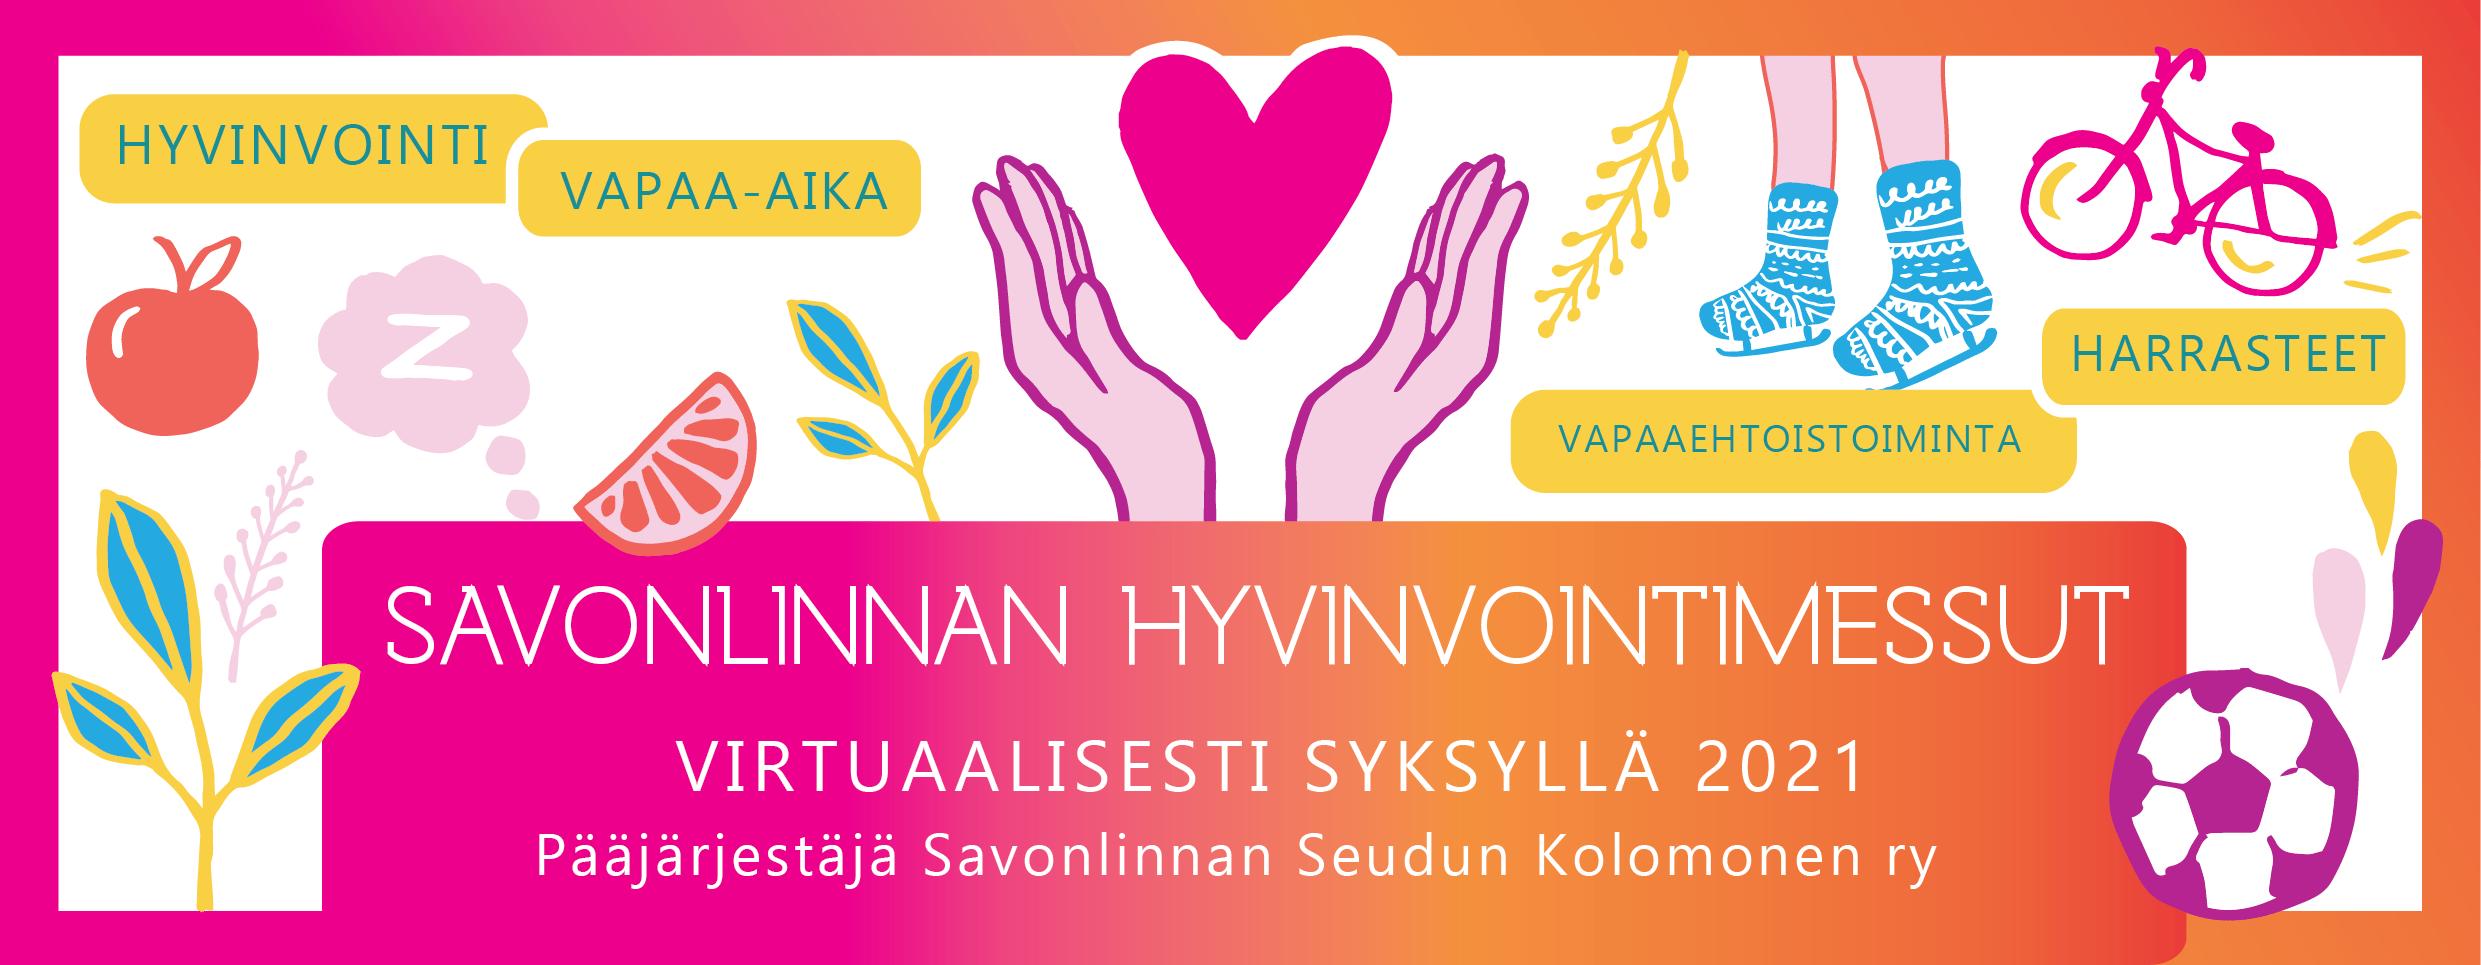 hyvinvointimessut banner_vari 2020-virtuaalisesti syksylla-01